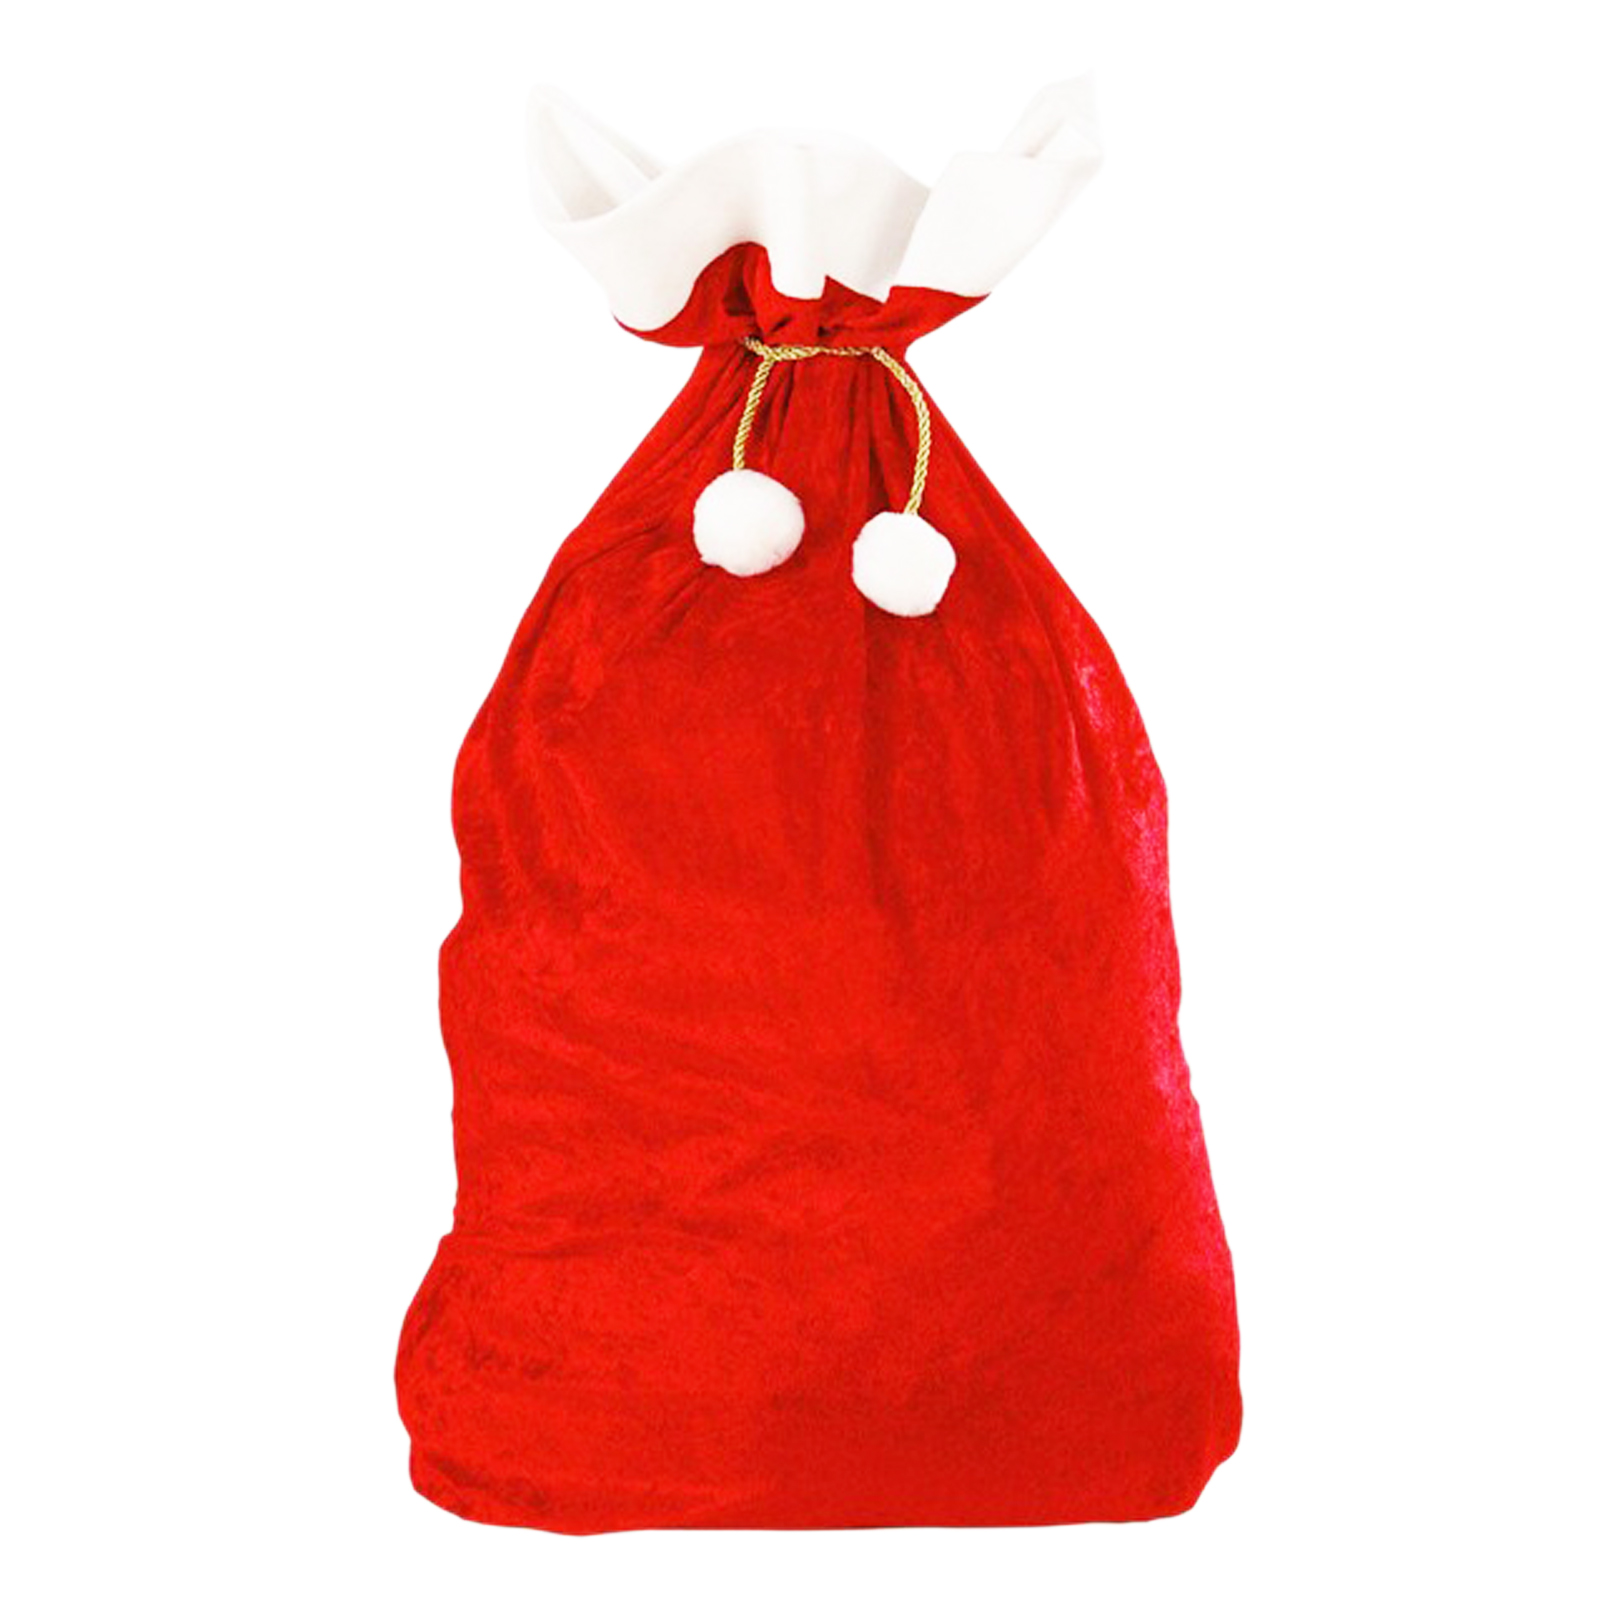 Подарочные пакеты с красным Санта-Клаусом 70x50 см, большие высококачественные бархатные супер мягкие мешки для конфет с золотом, рождественс...